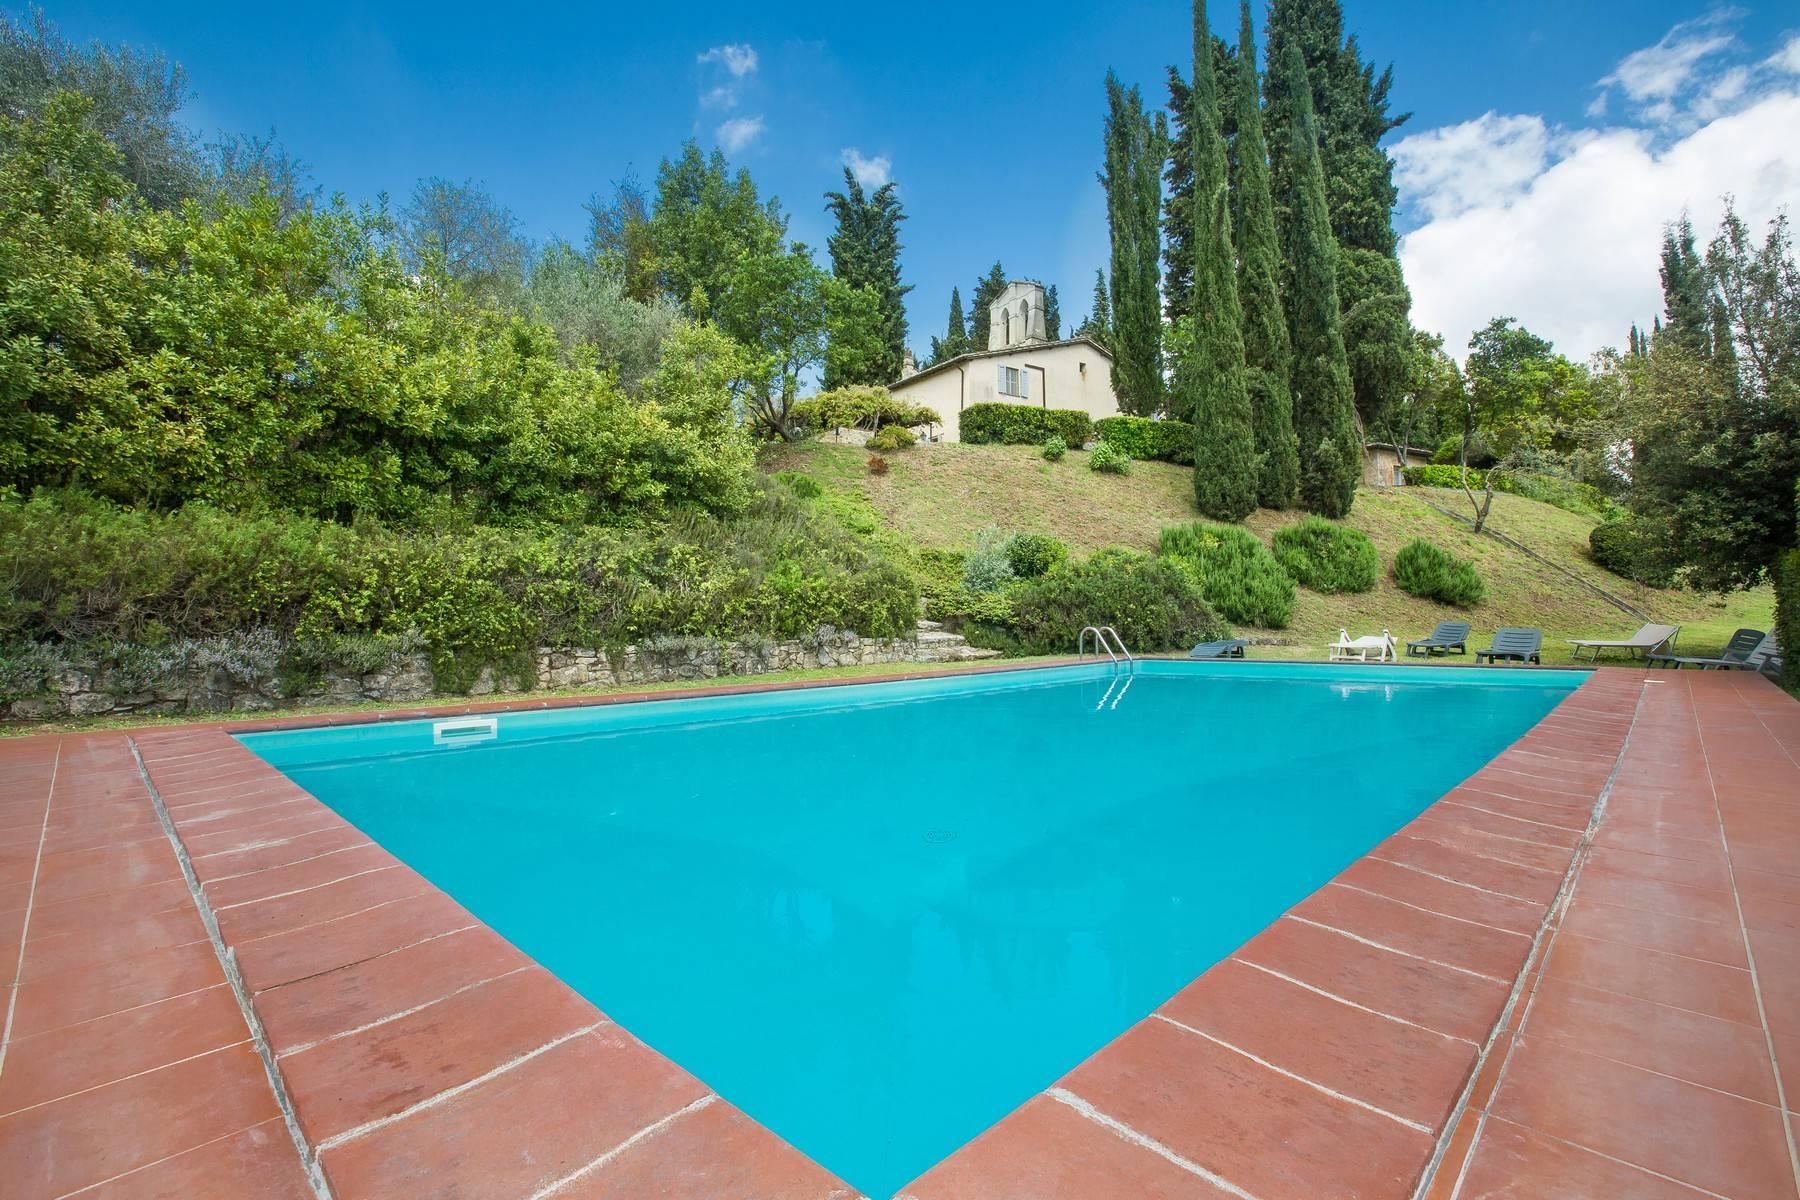 Villa in Vendita a Siena: 5 locali, 487 mq - Foto 3